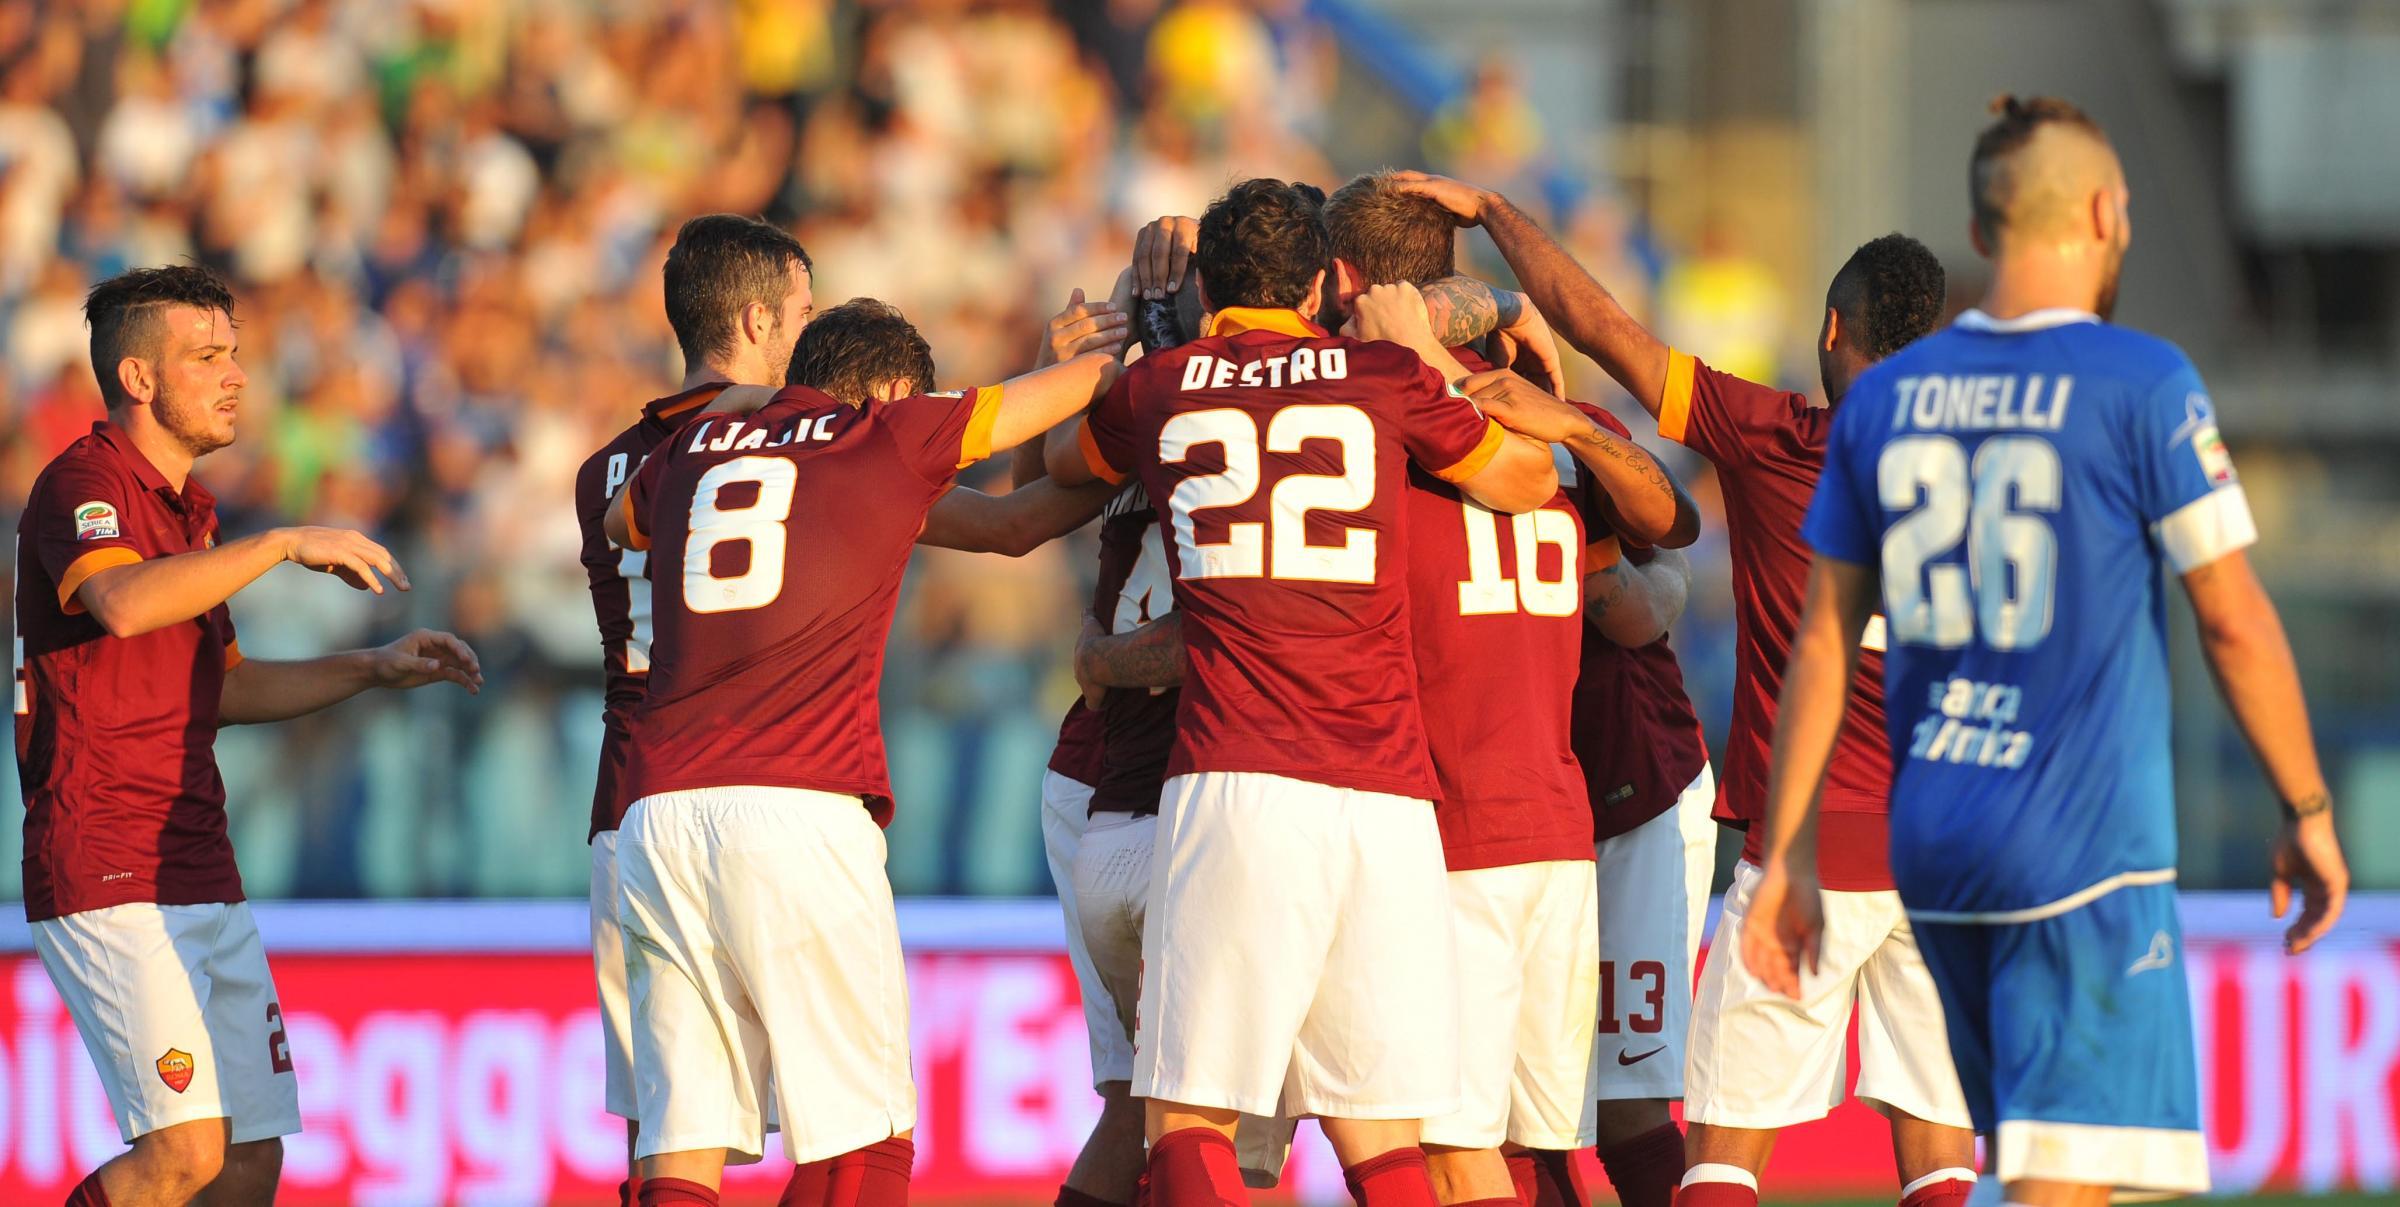 Probabili formazioni Roma - Empoli 21 giornata Serie A 2015